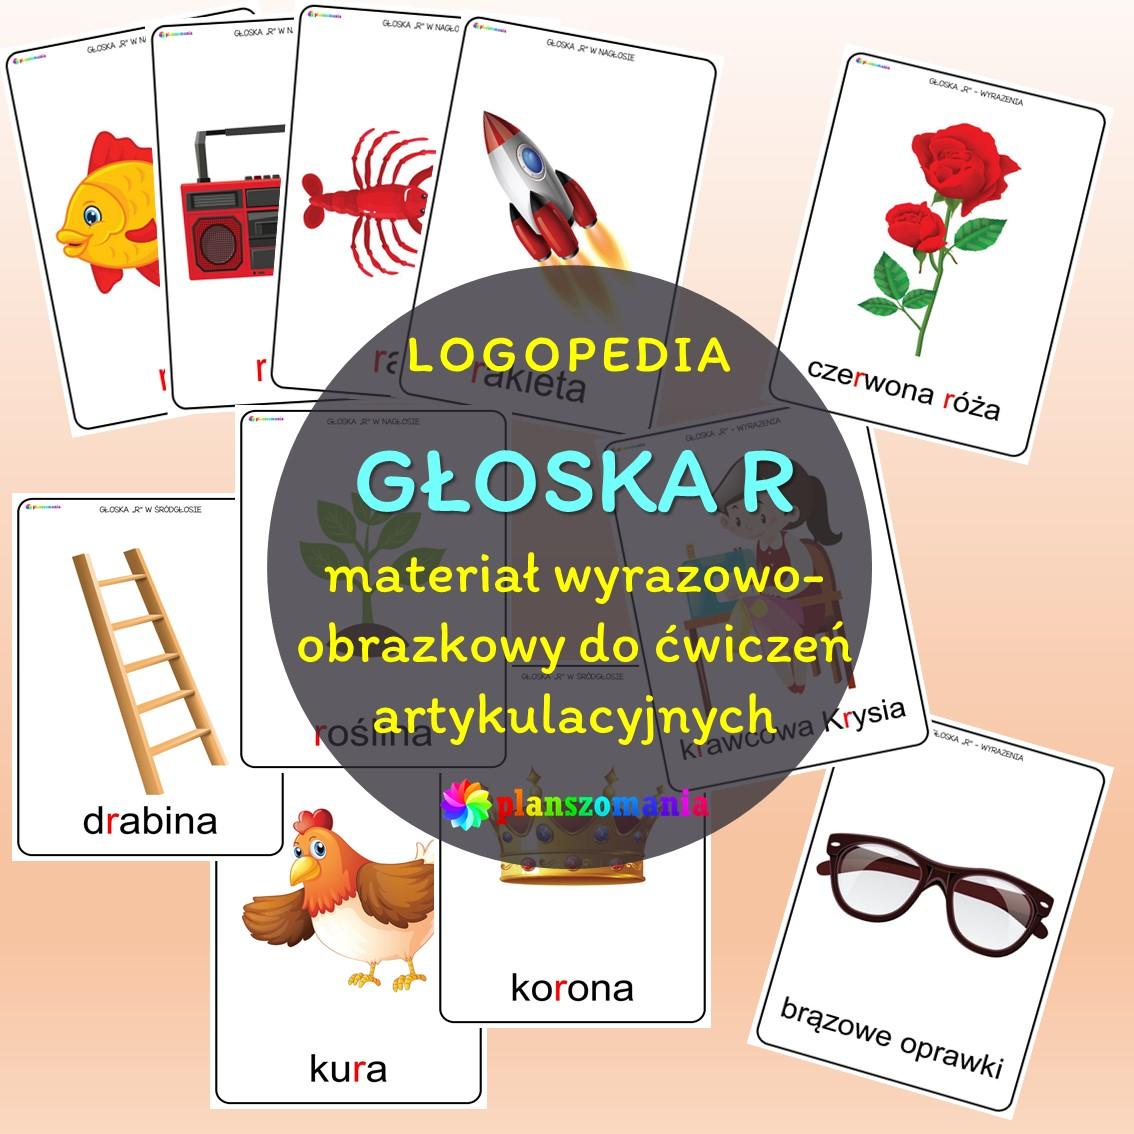 materiał oprazkowy do ćwiczeń artykulacyjnych prawidłowe wypowiadanie głoski r logopedia ćwiczenia usprawniające narządy mowy do druku